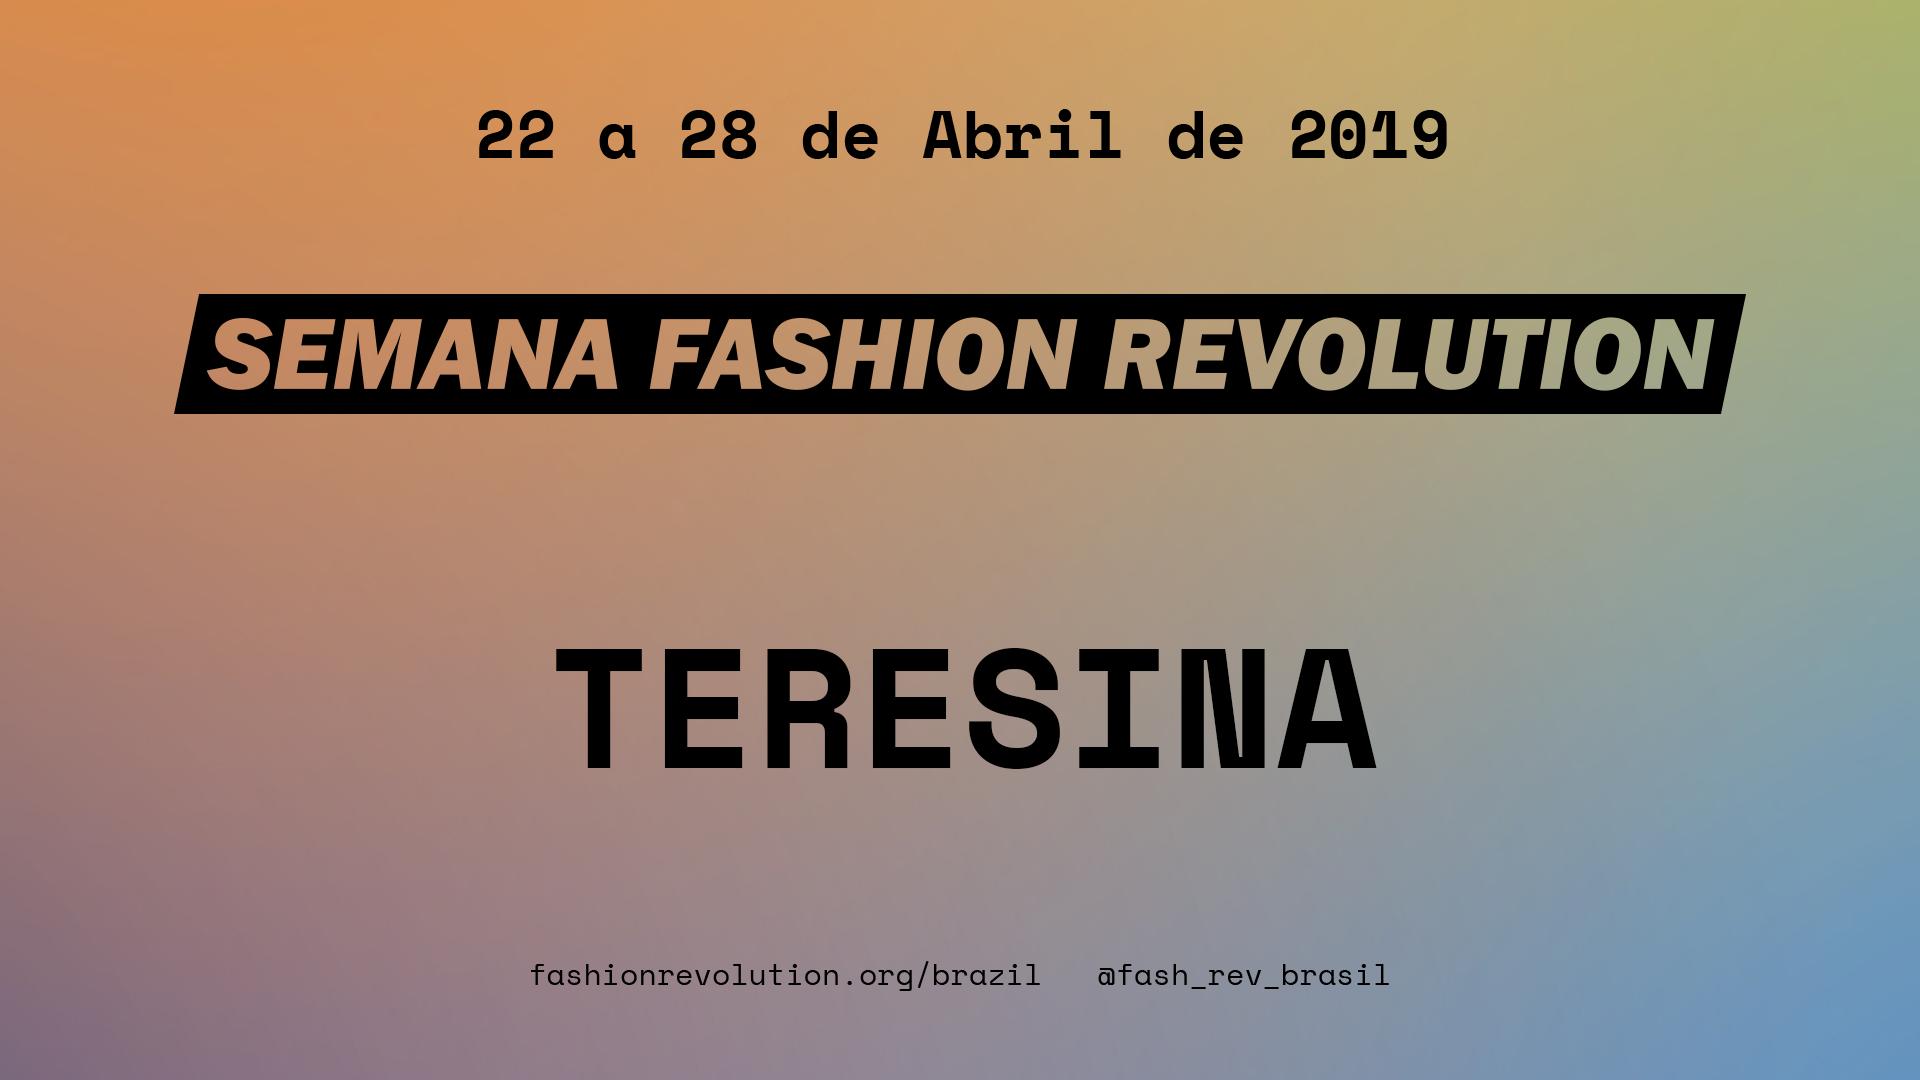 Semana Fashion Revolution Teresina 2019